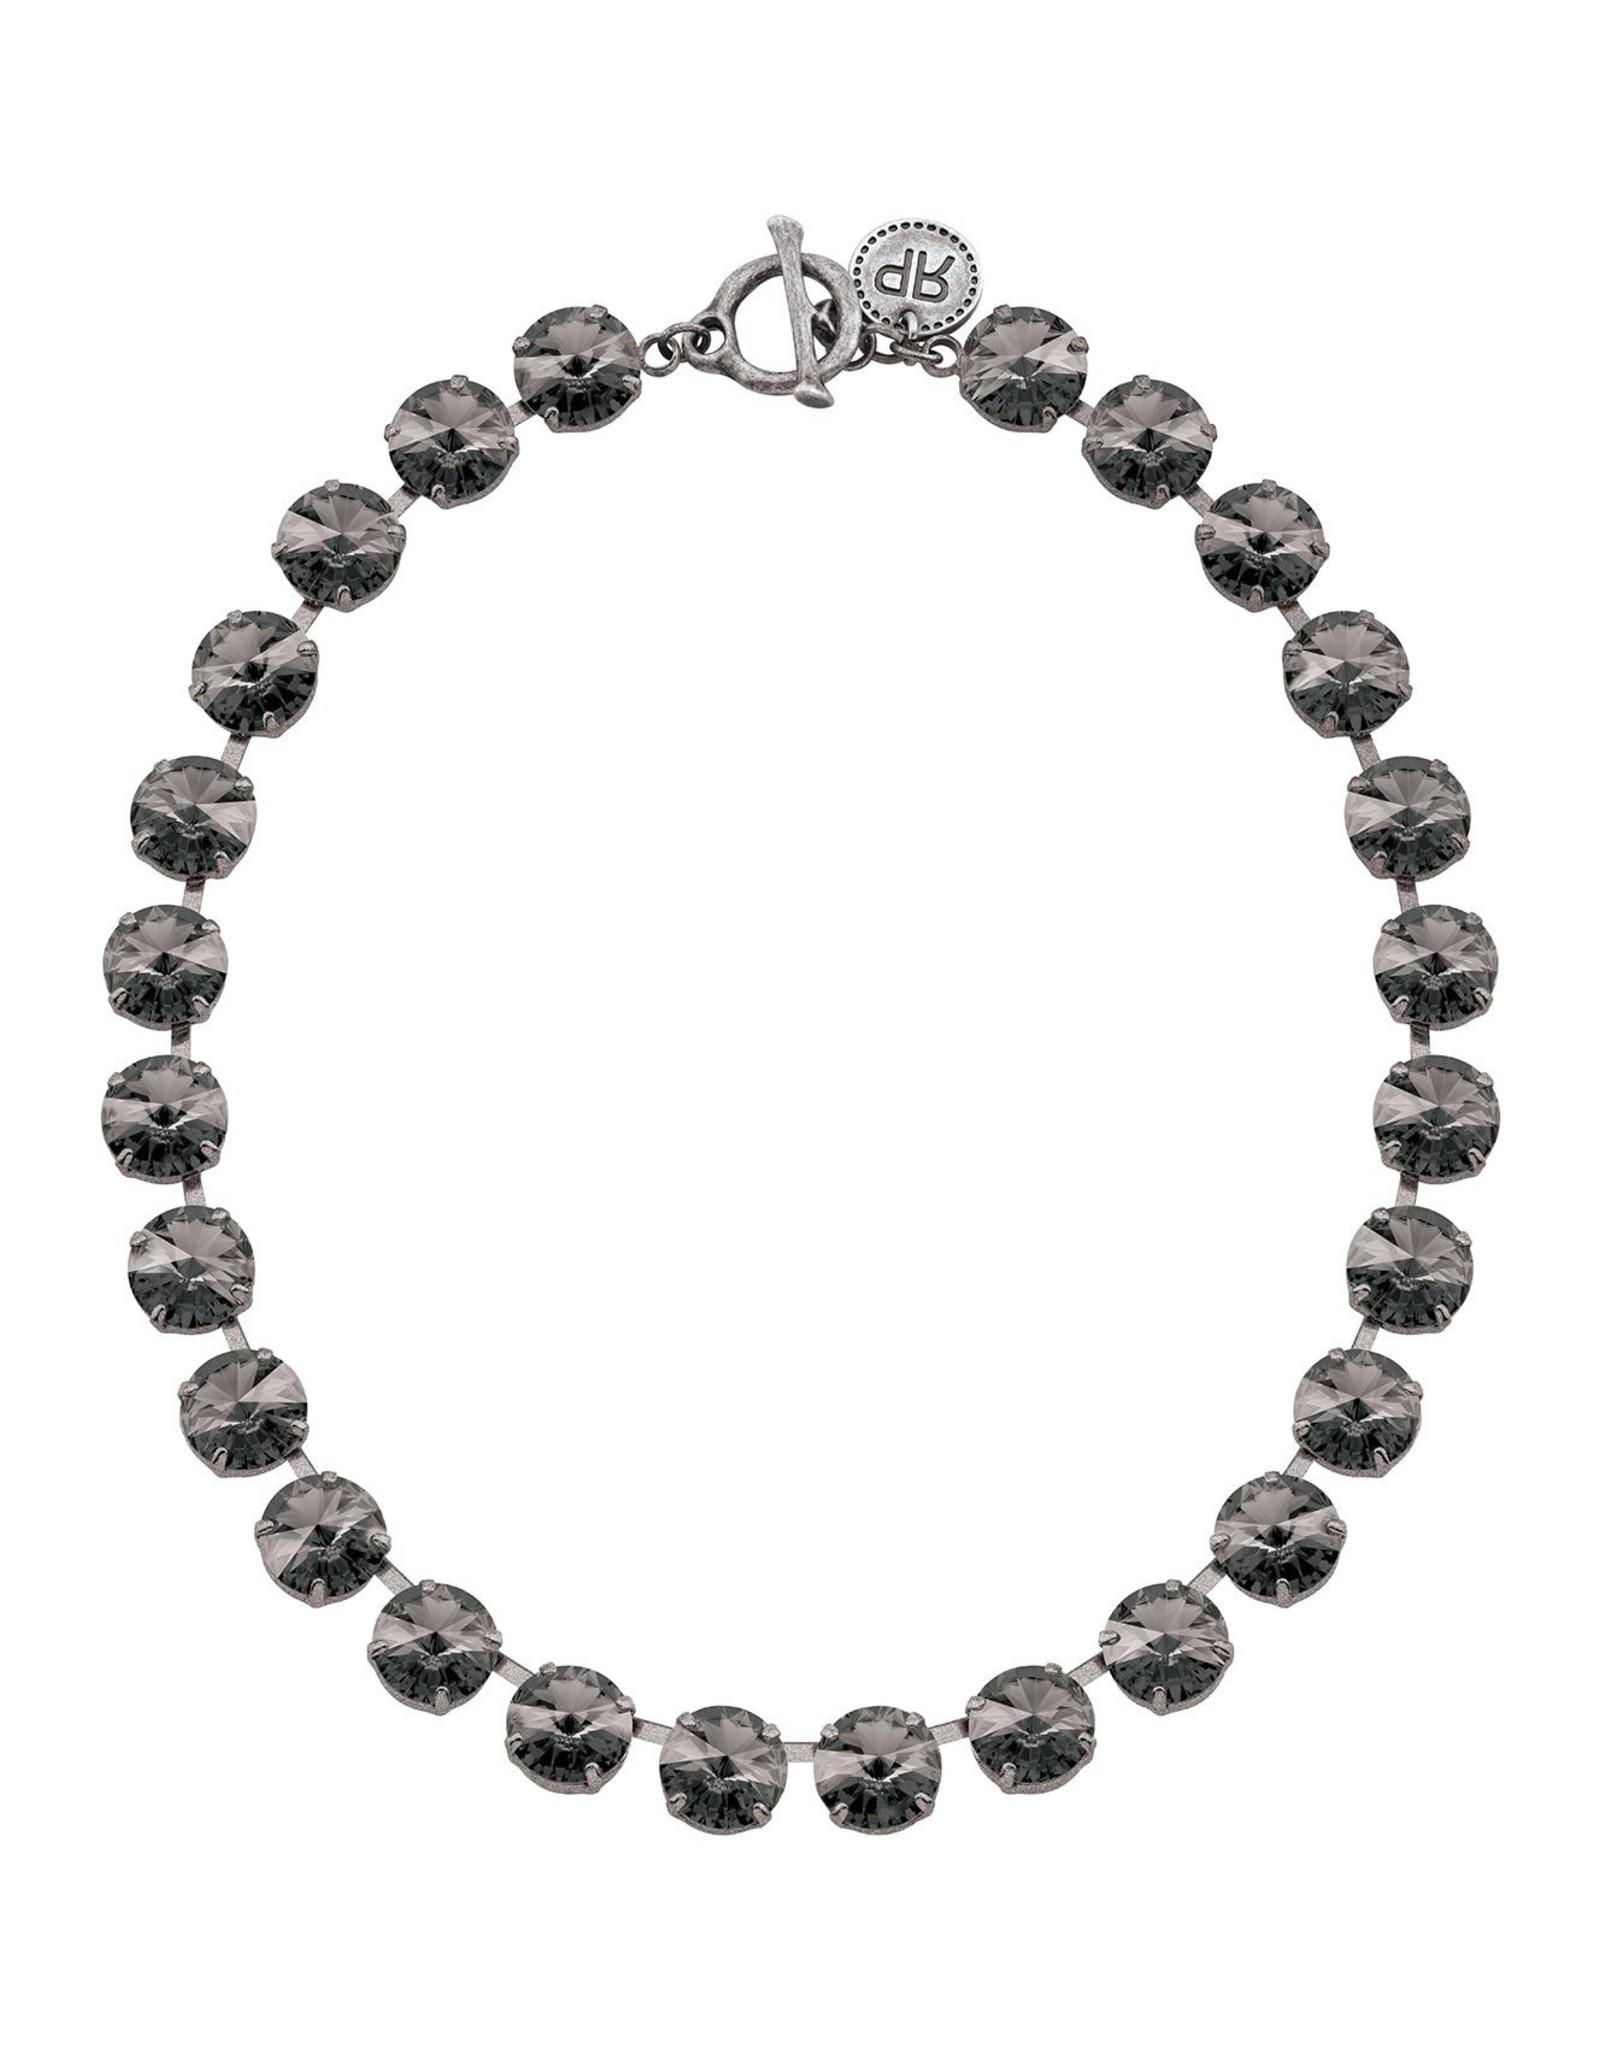 Rebekah Price Rebekah Price Rivoli Silver Necklace